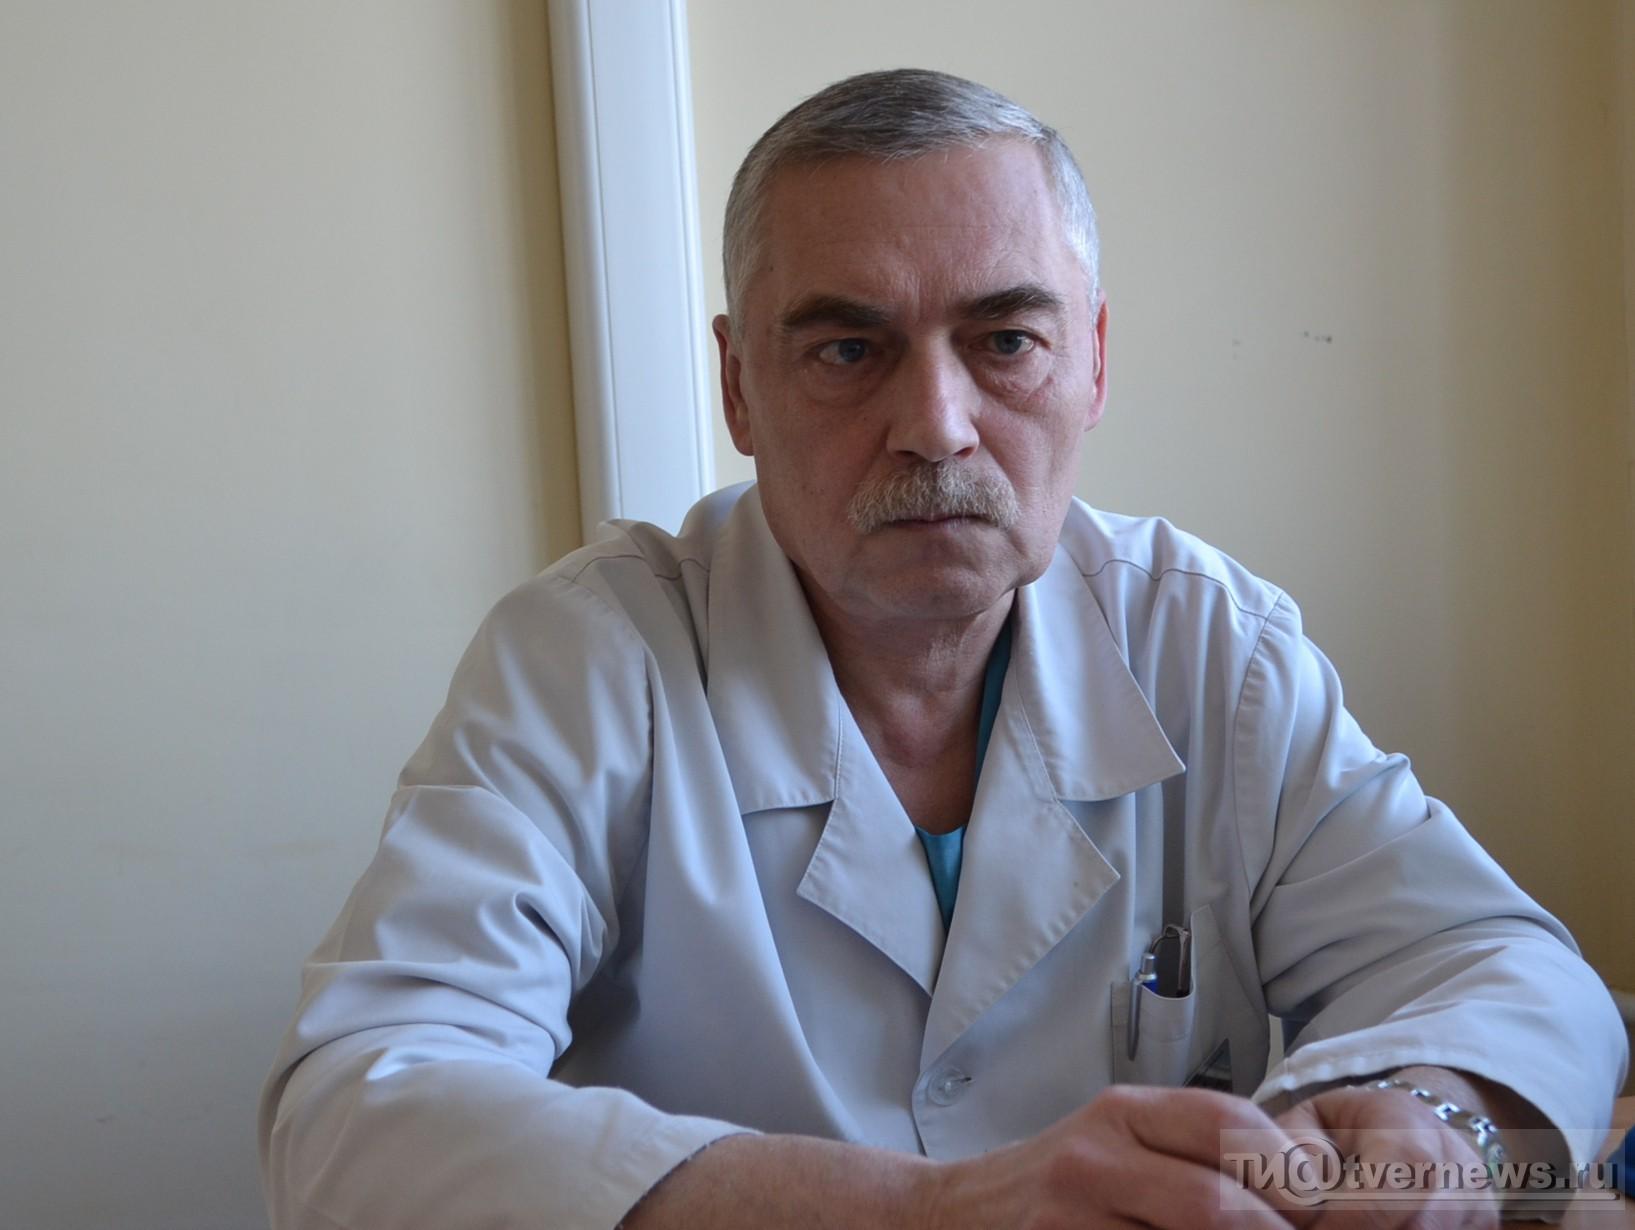 Врач уролог сексуально возбудила пациента на приеме и начался секс